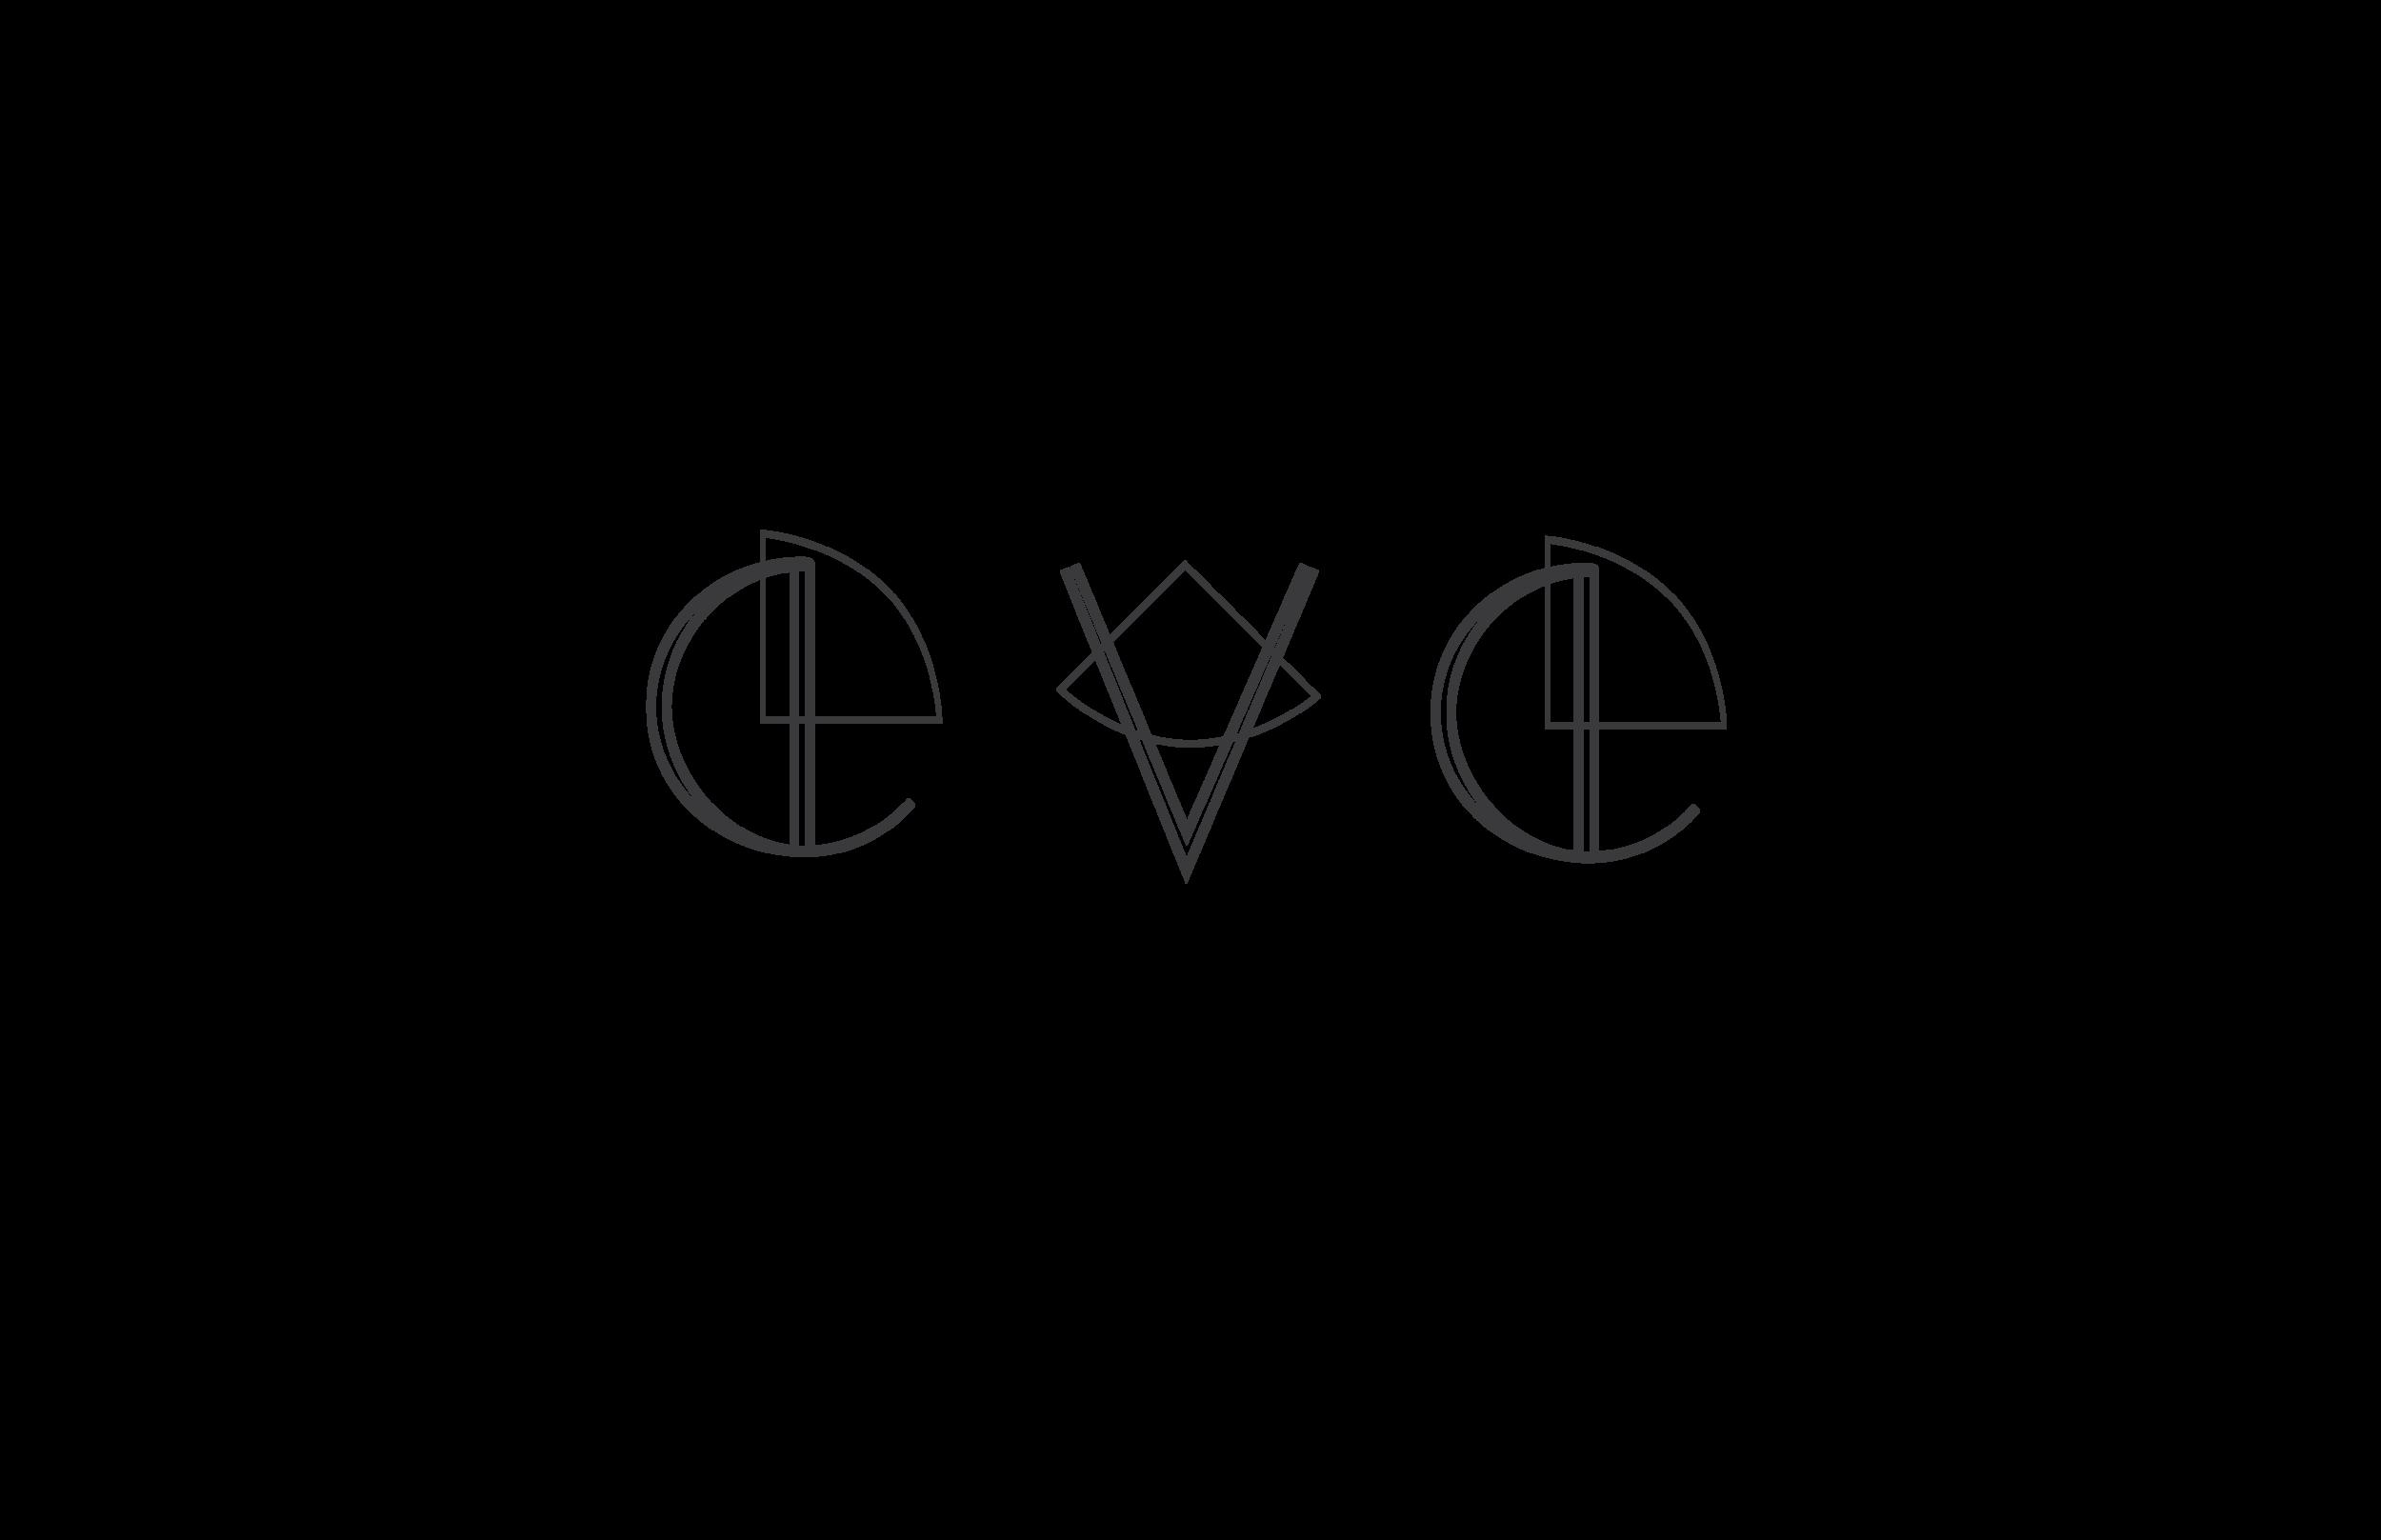 Eve_logo_black-transparent.png